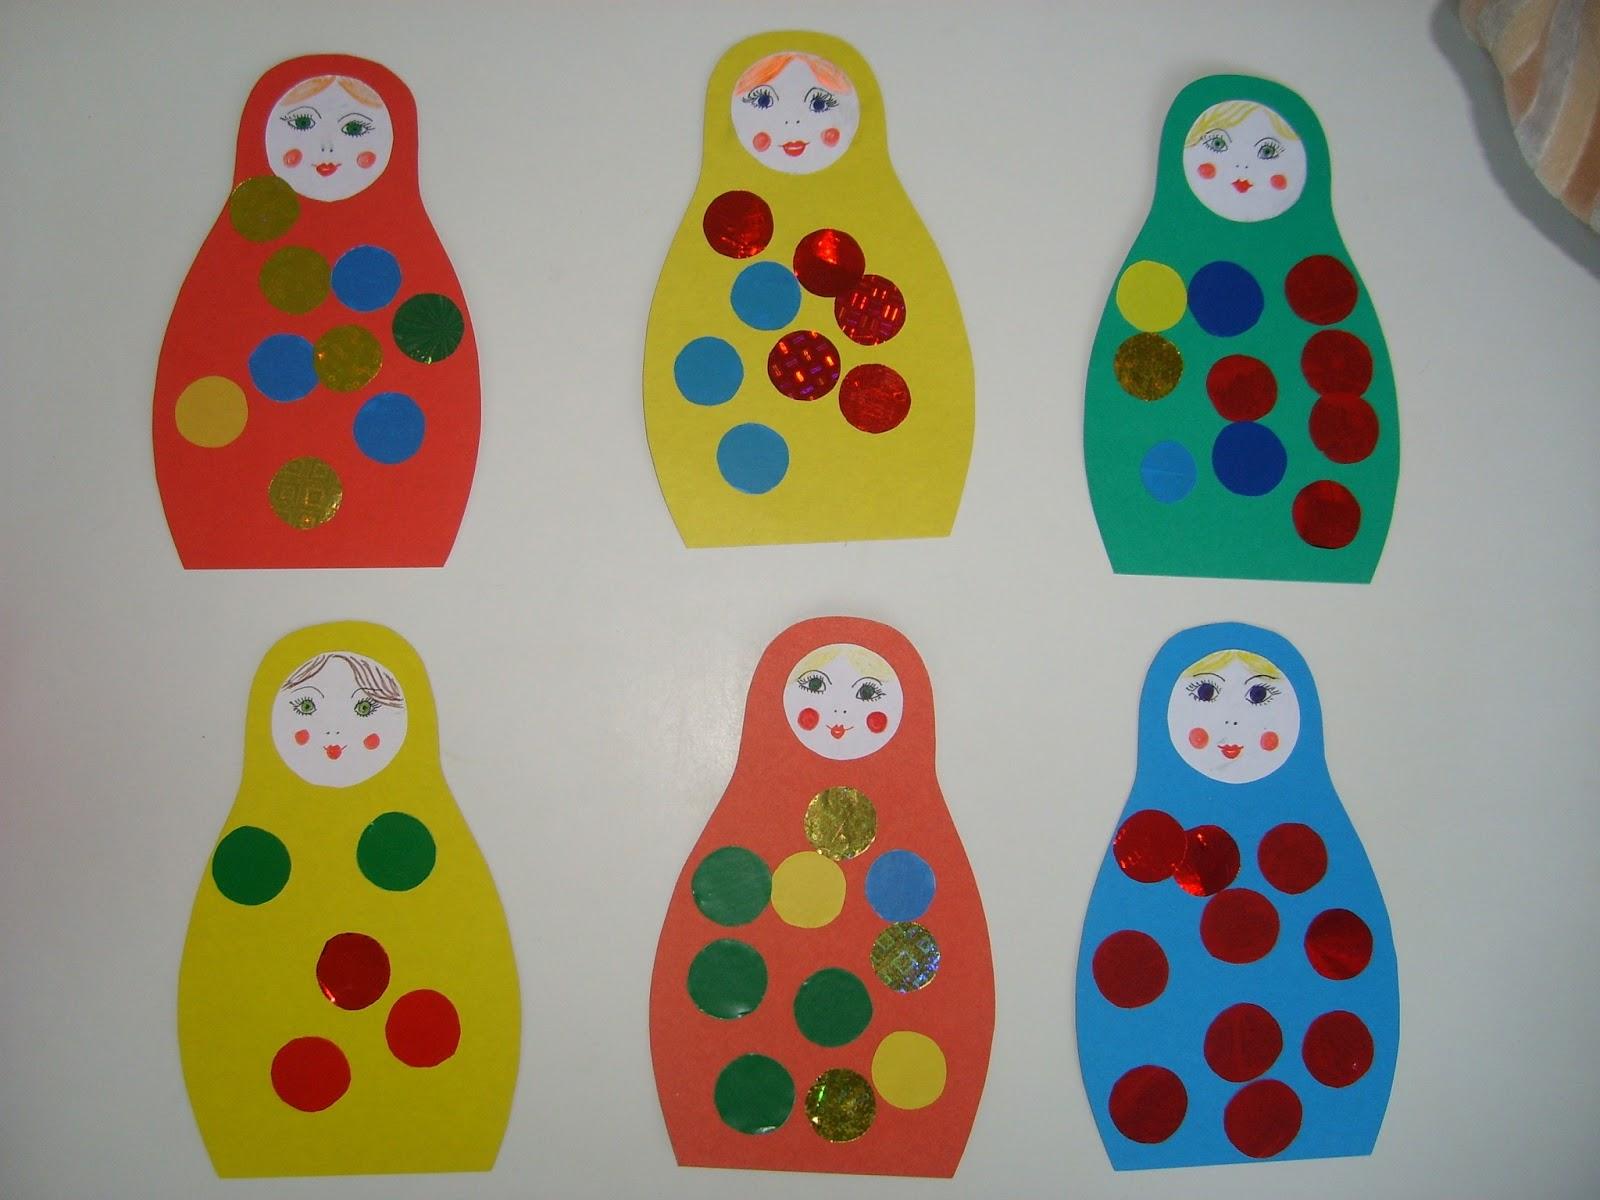 Картинки пожарной безопасности для детей детского сада